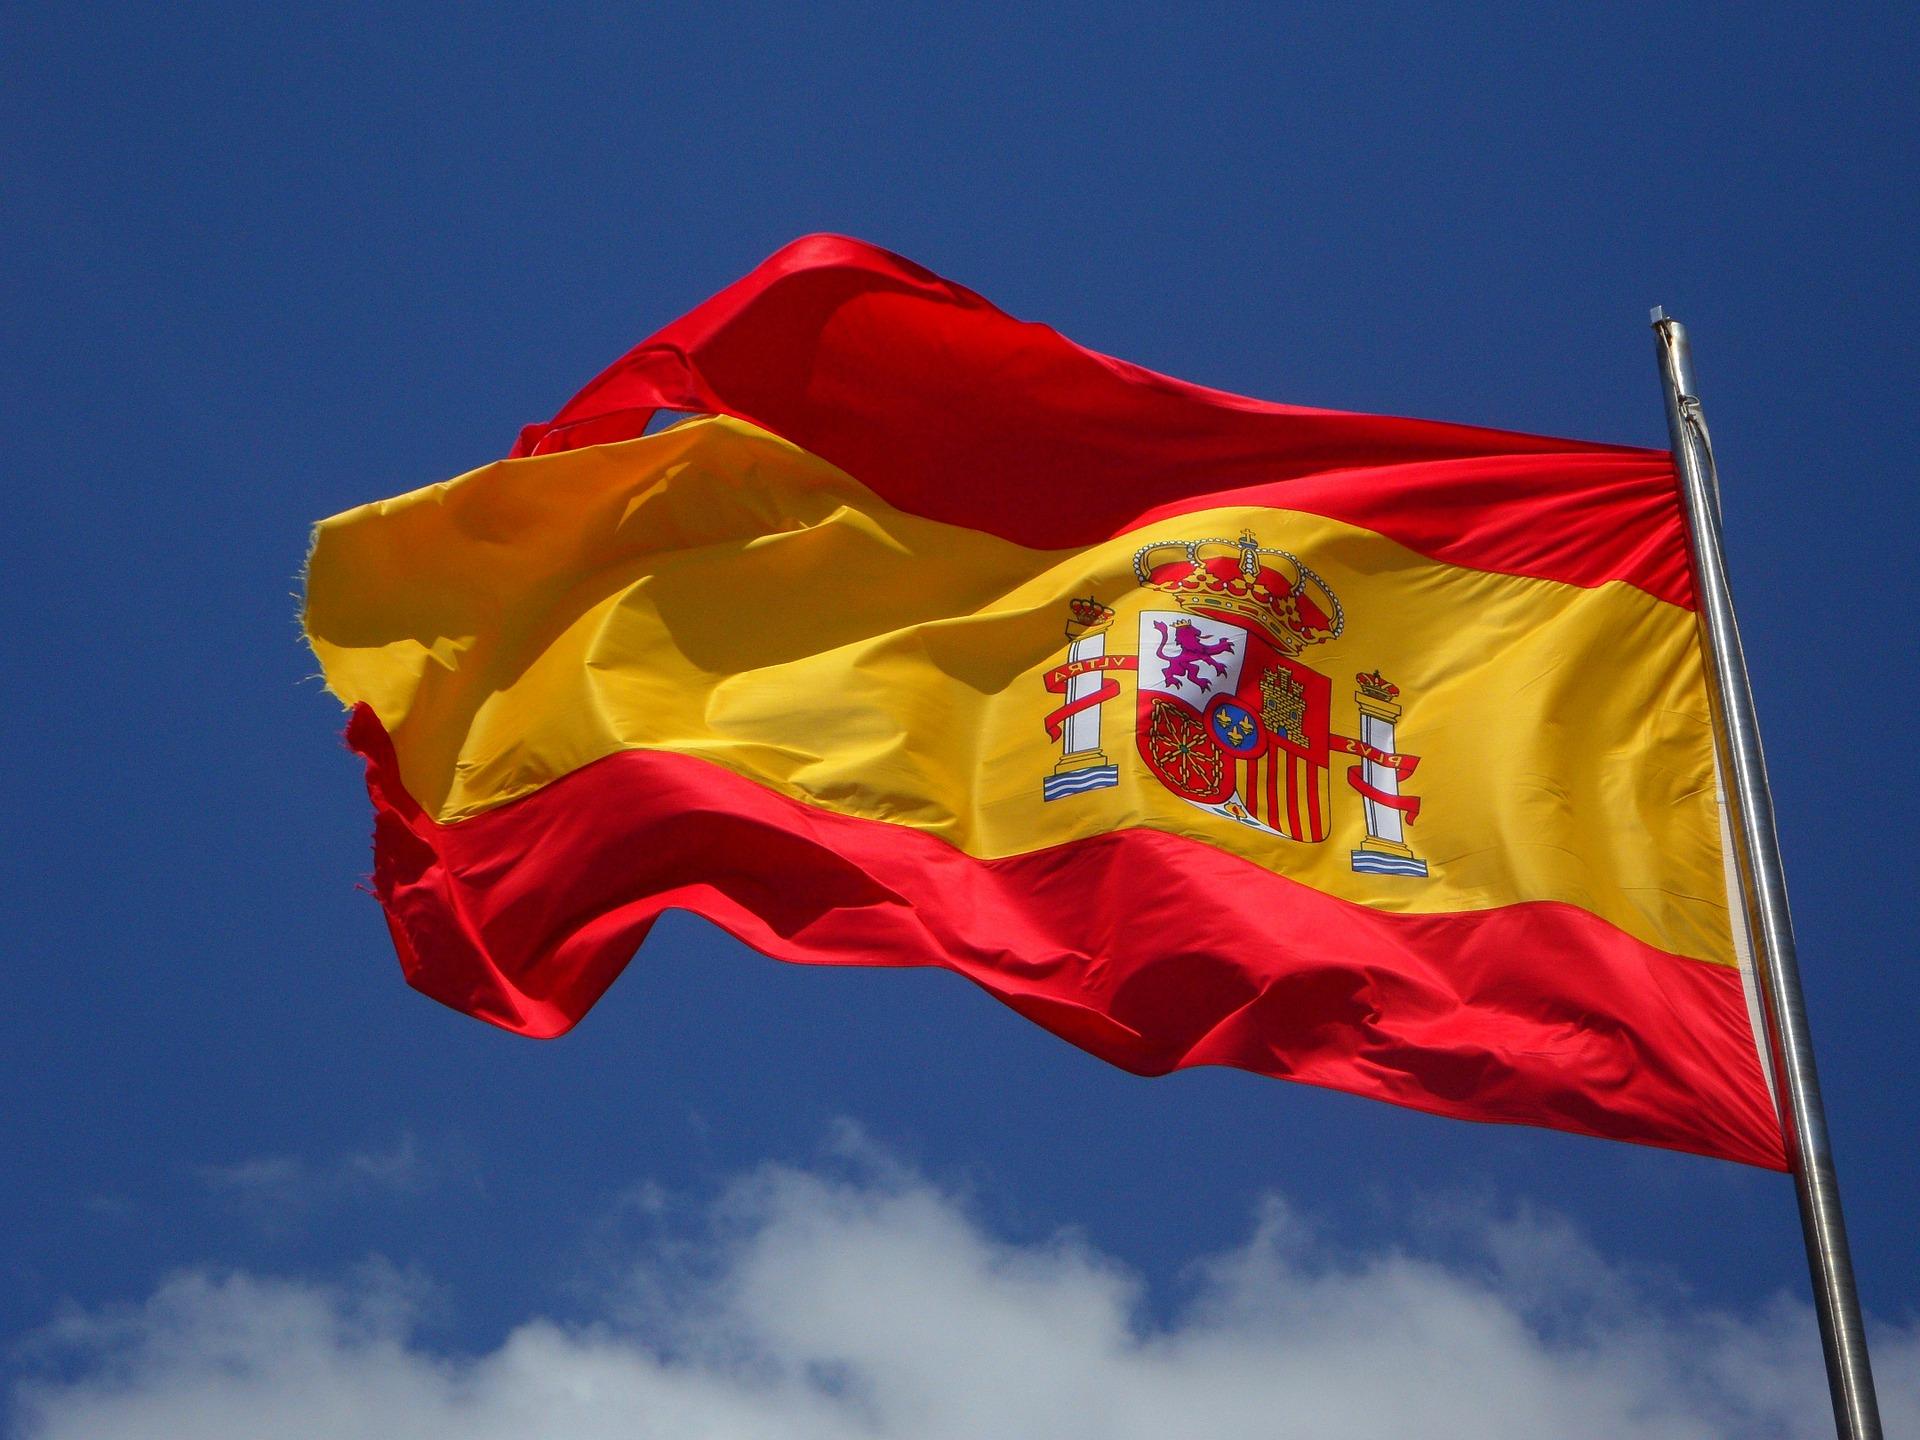 Rücknahme-Abkommen mit Spanien ist absolute Luftnummer (Kommentar)